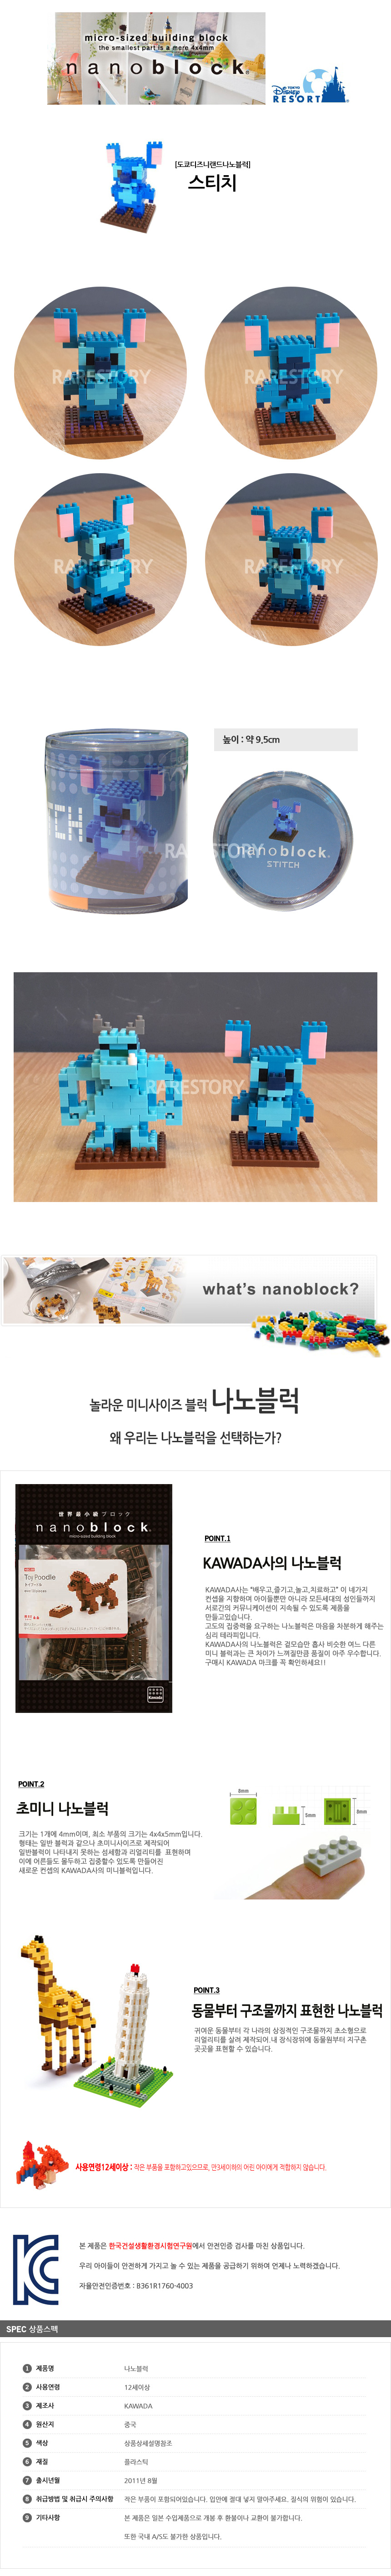 [나노블럭](도쿄디즈니리조트)스티치 - 나노블럭, 35,000원, 레고/블록, 나노블록